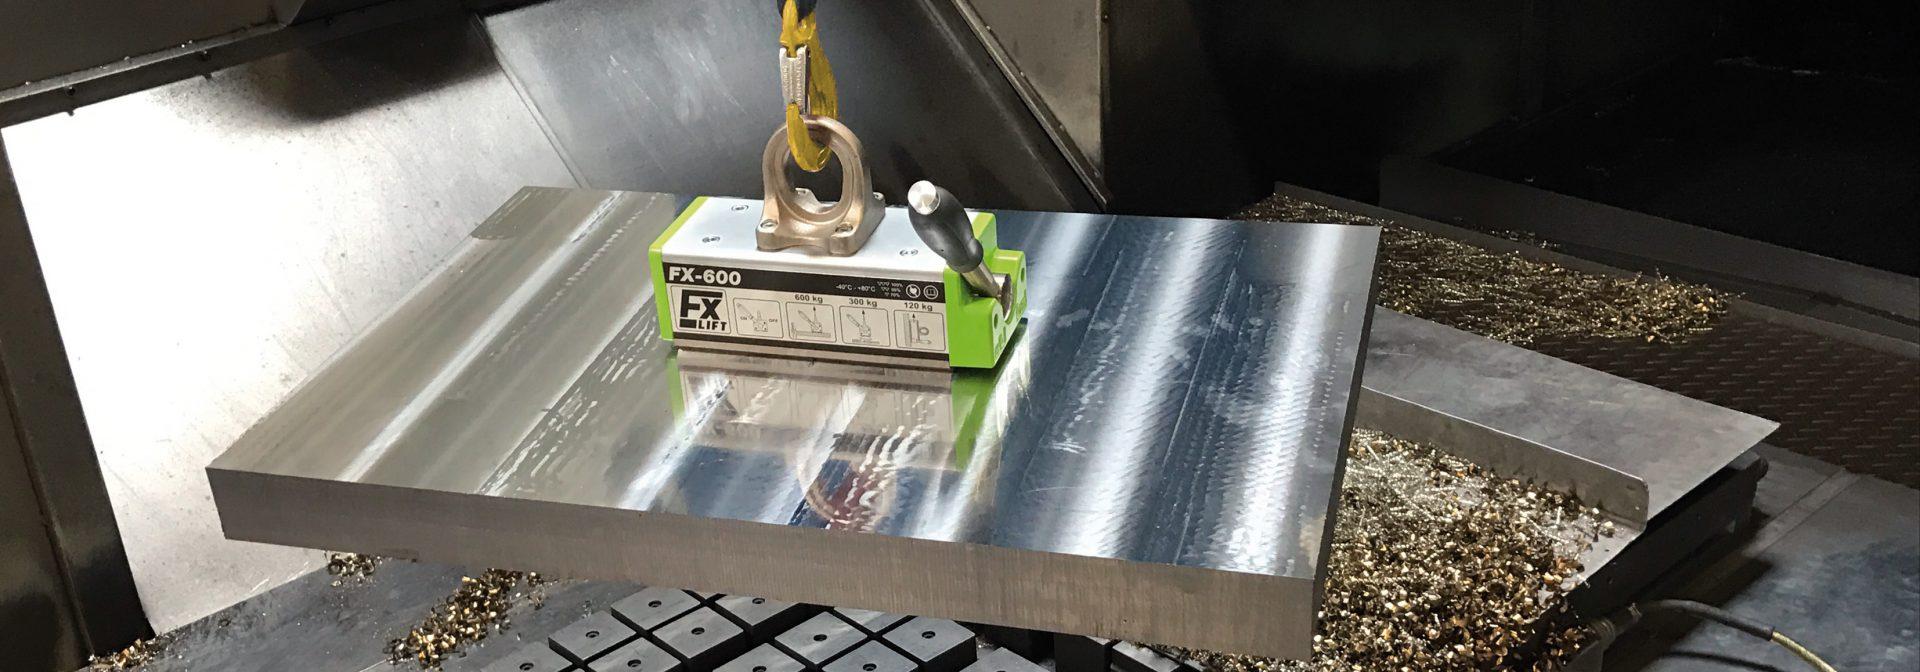 Toepassing flaig hefmagneet FX-600 met gunnebo haak via ELCEE